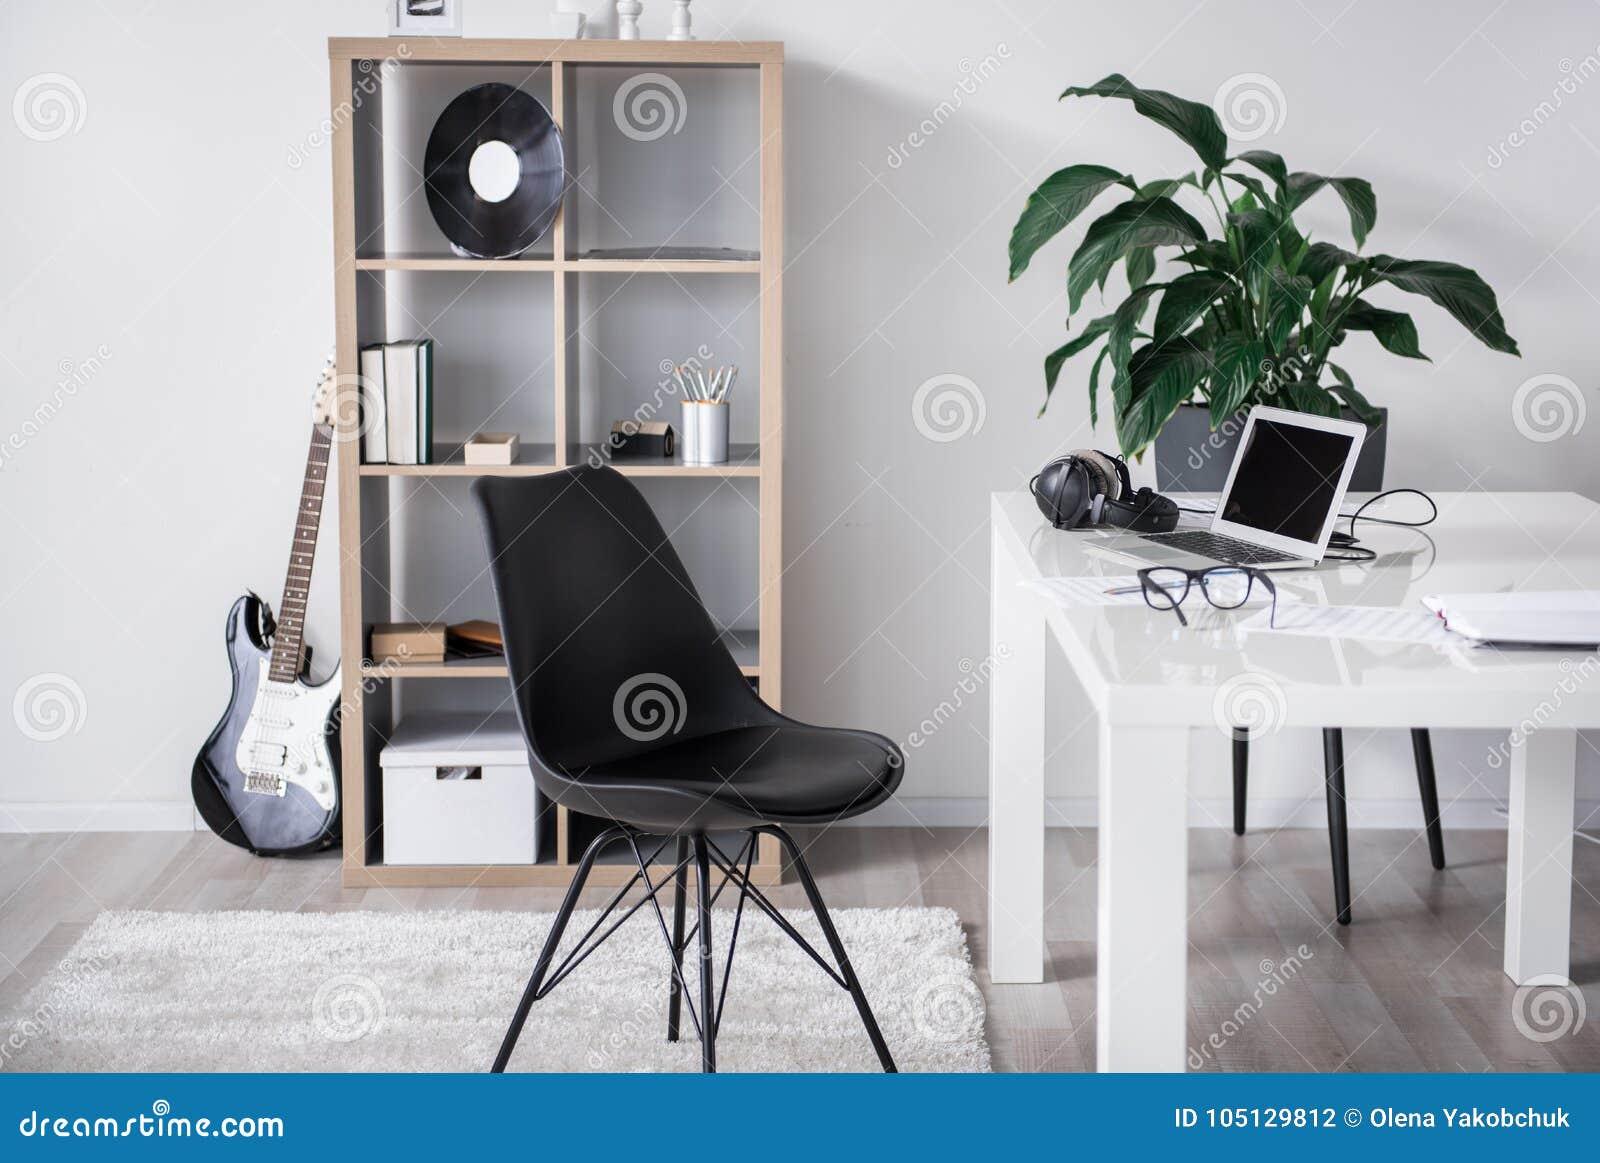 Hemtrevligt kontor för en verklig musikvän